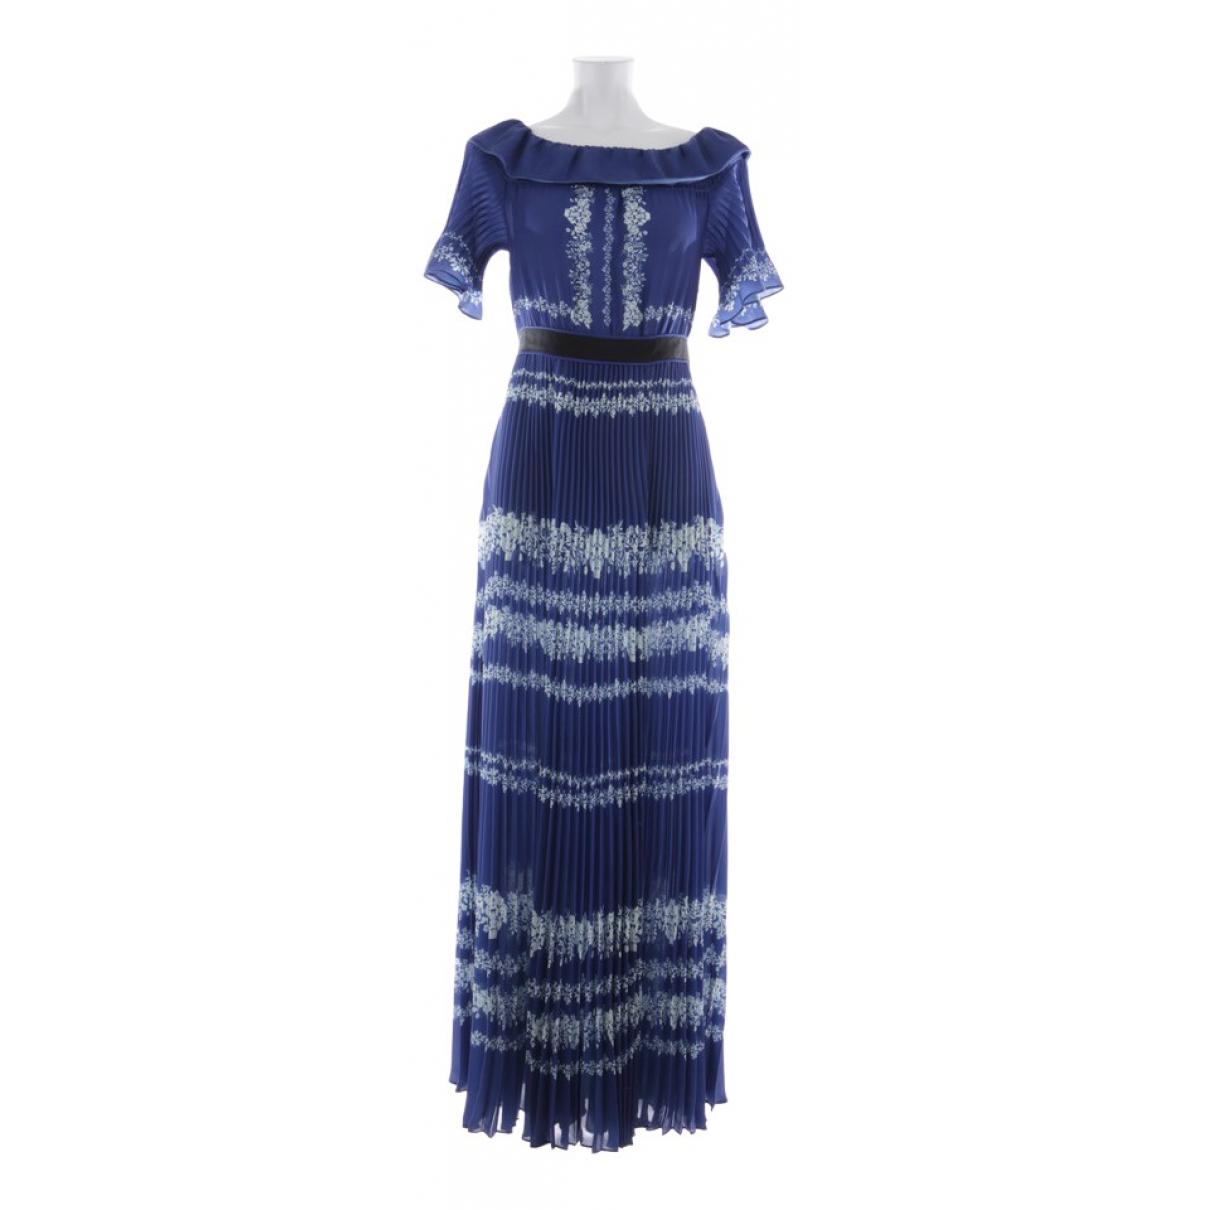 Self Portrait \N Blue dress for Women 32 FR